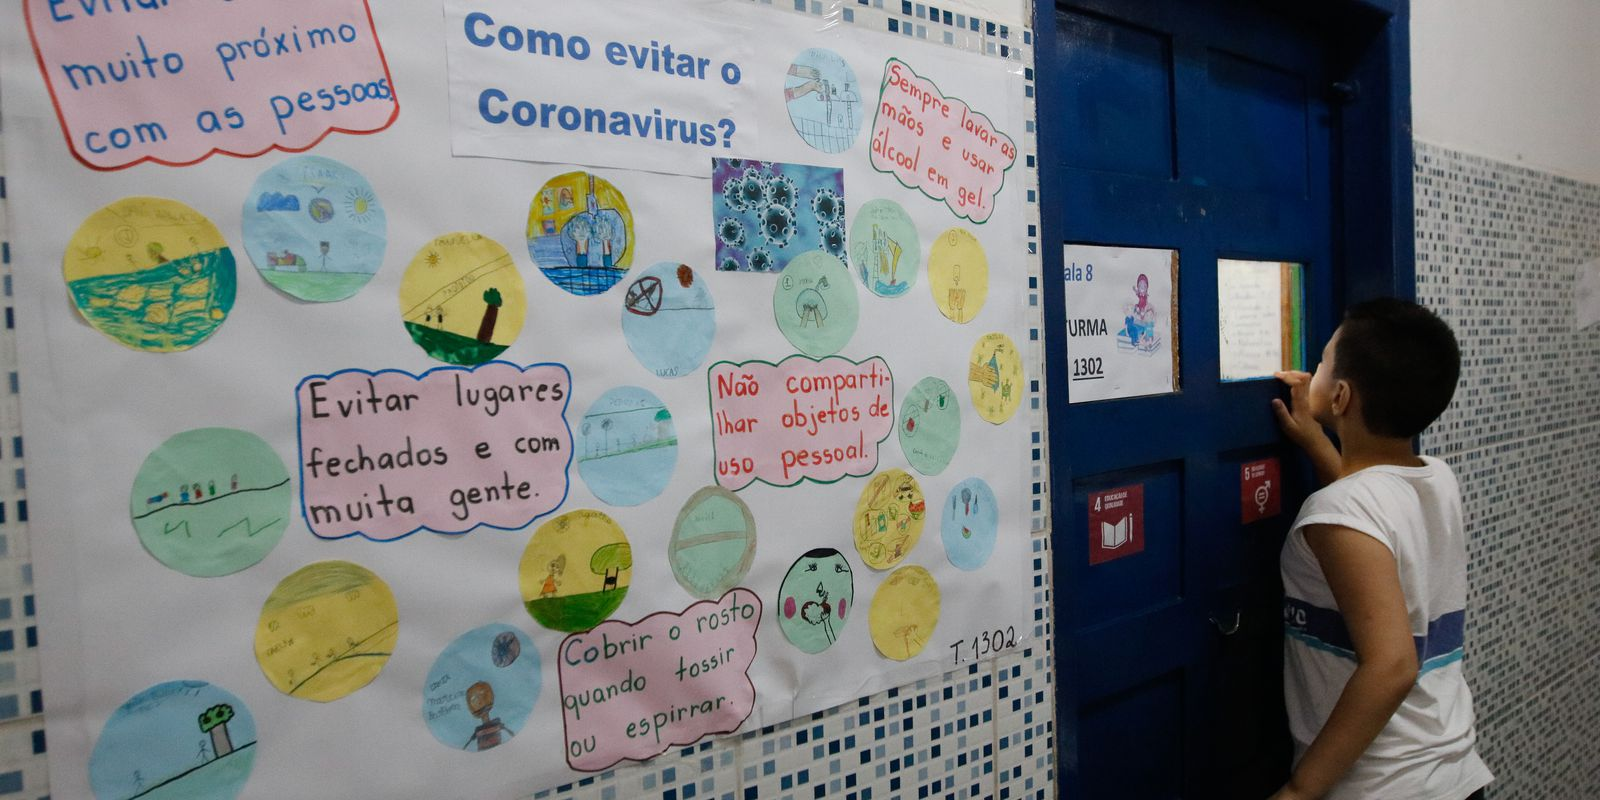 Prevenção ao novo coronavírus Covid-19 nas escolas